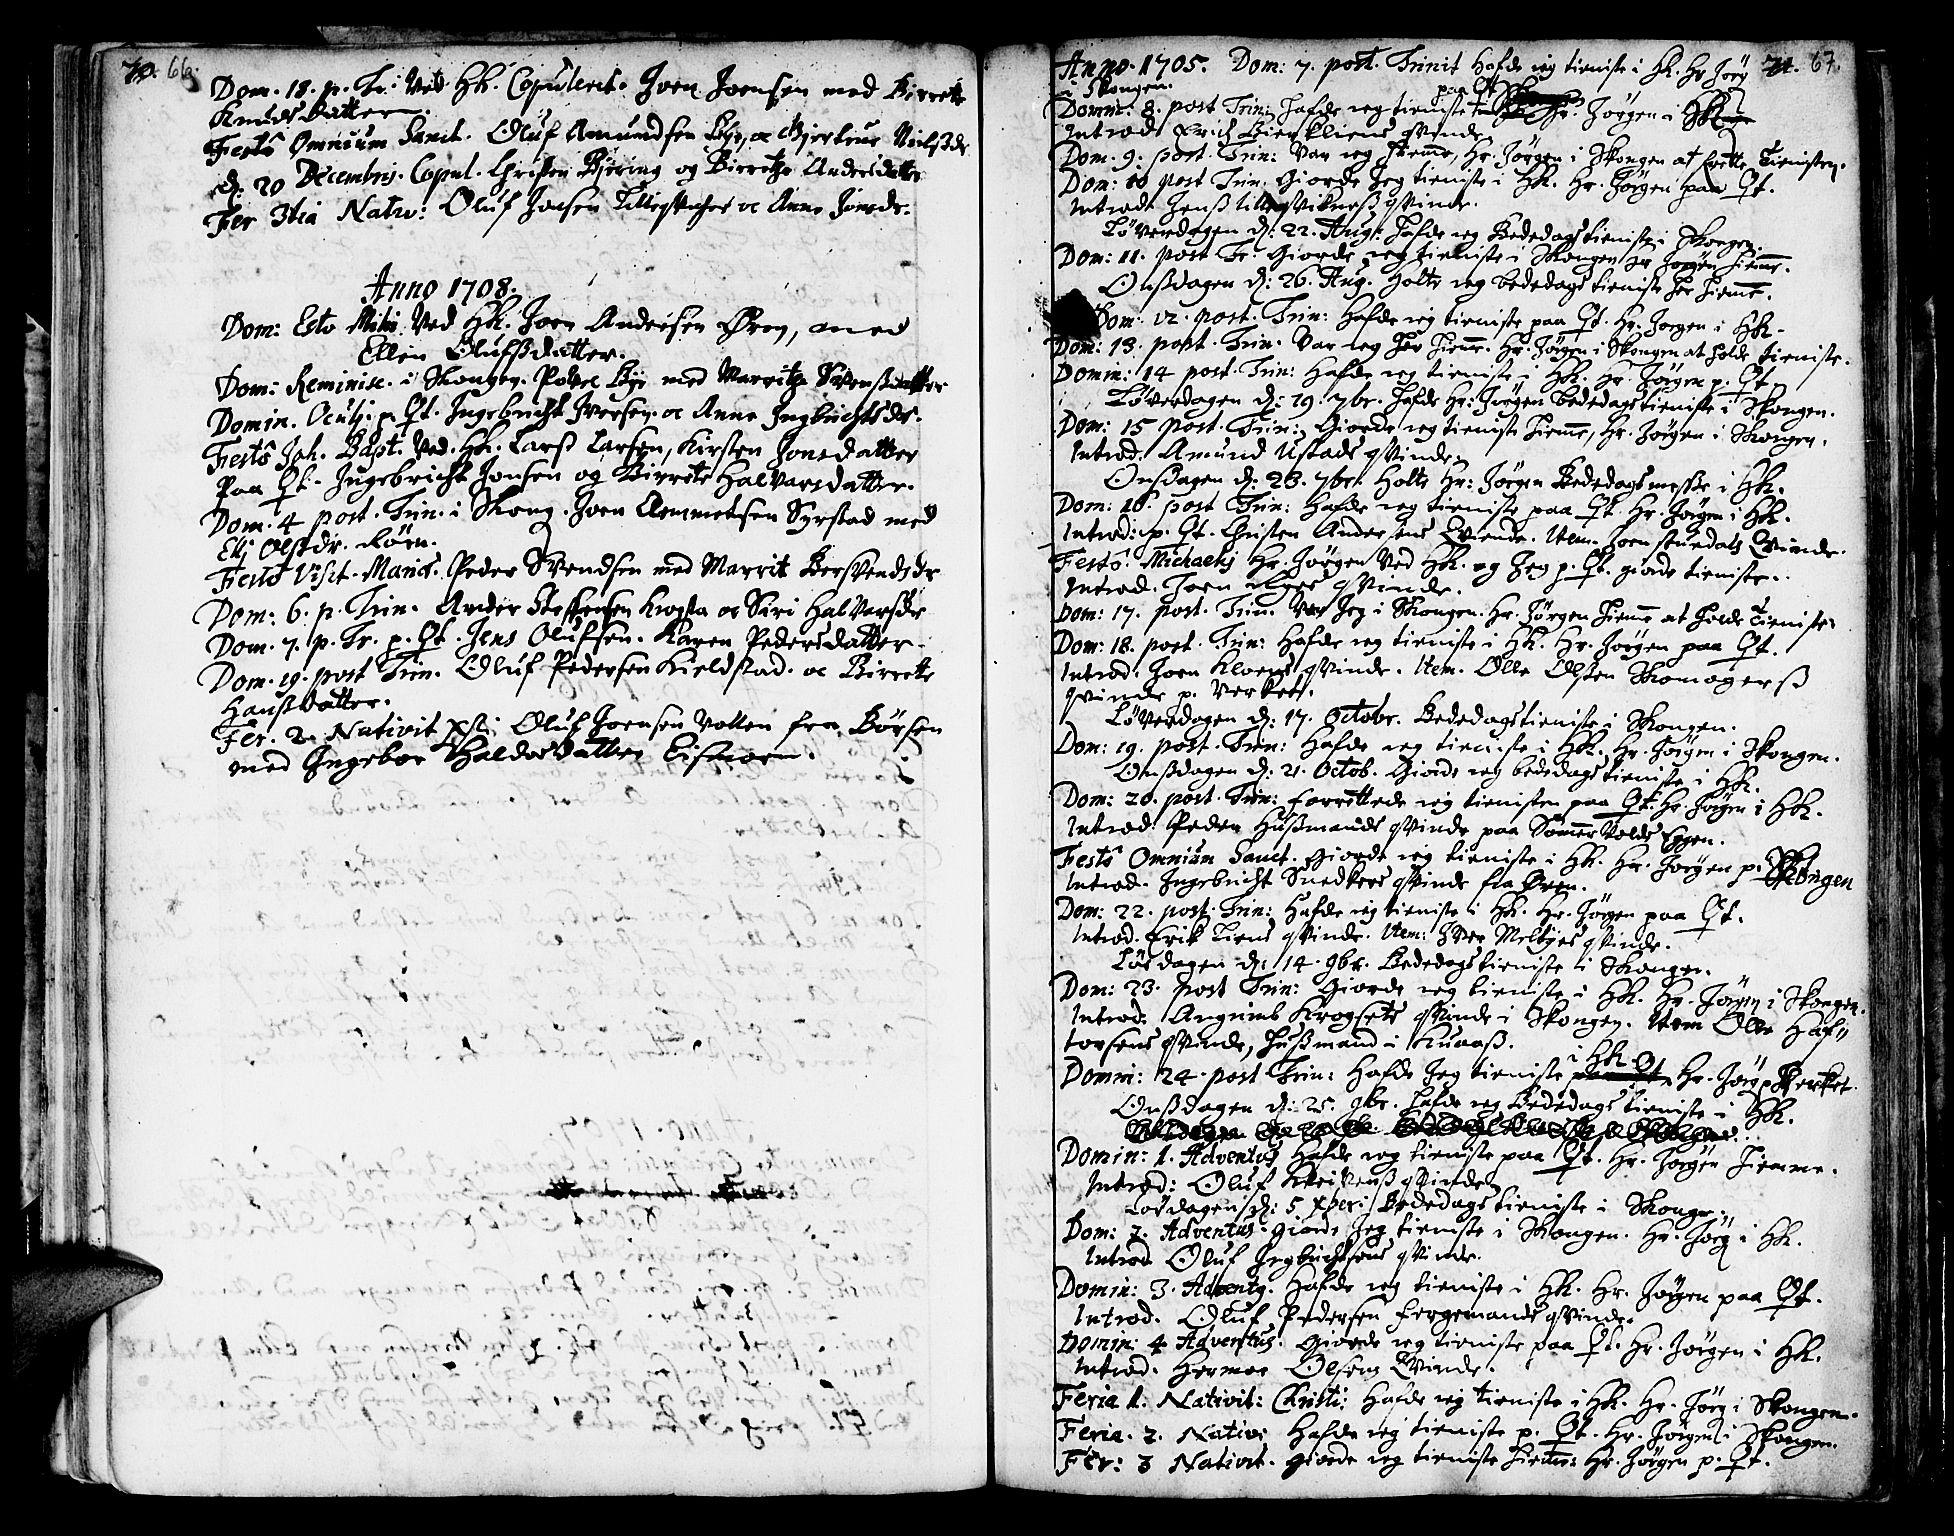 SAT, Ministerialprotokoller, klokkerbøker og fødselsregistre - Sør-Trøndelag, 668/L0801: Ministerialbok nr. 668A01, 1695-1716, s. 66-67